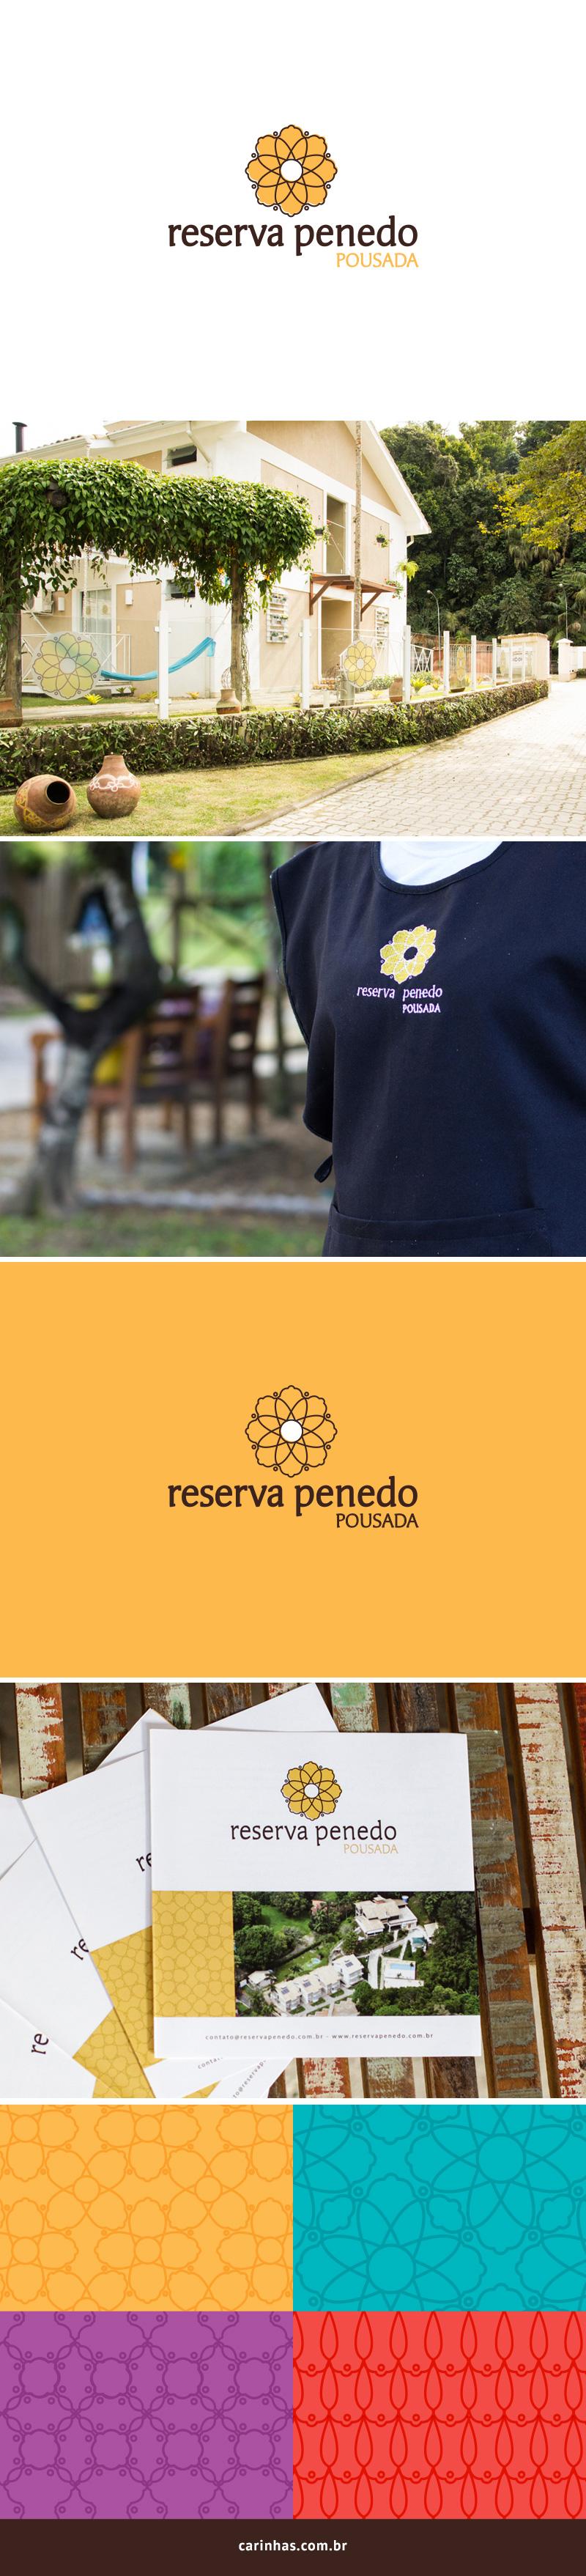 Marca Apaixonante para Reserva Penedo - carinhas.com.br